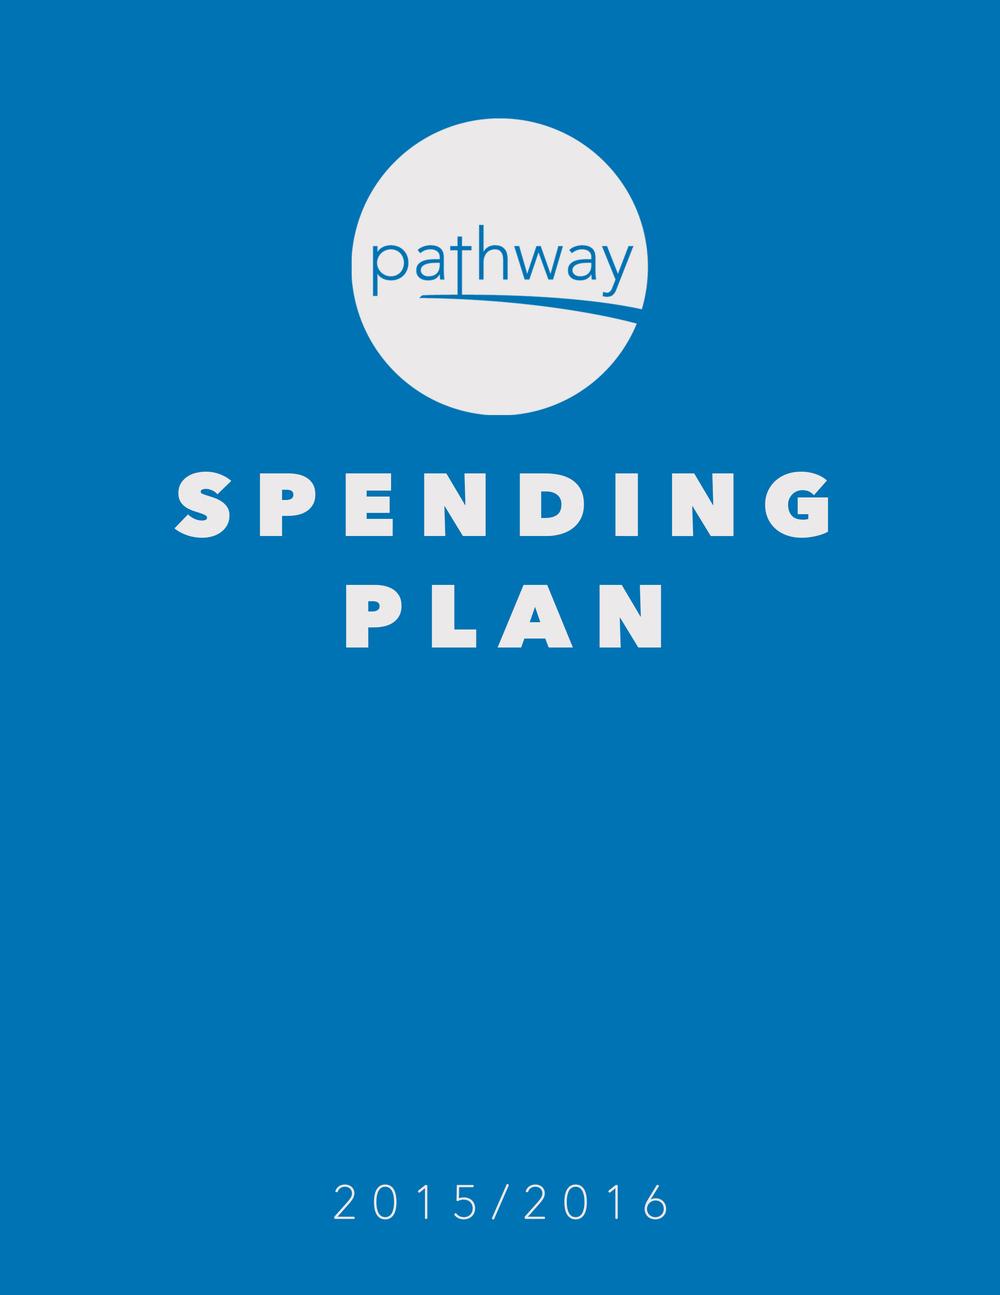 Spending Plan_blue.jpg